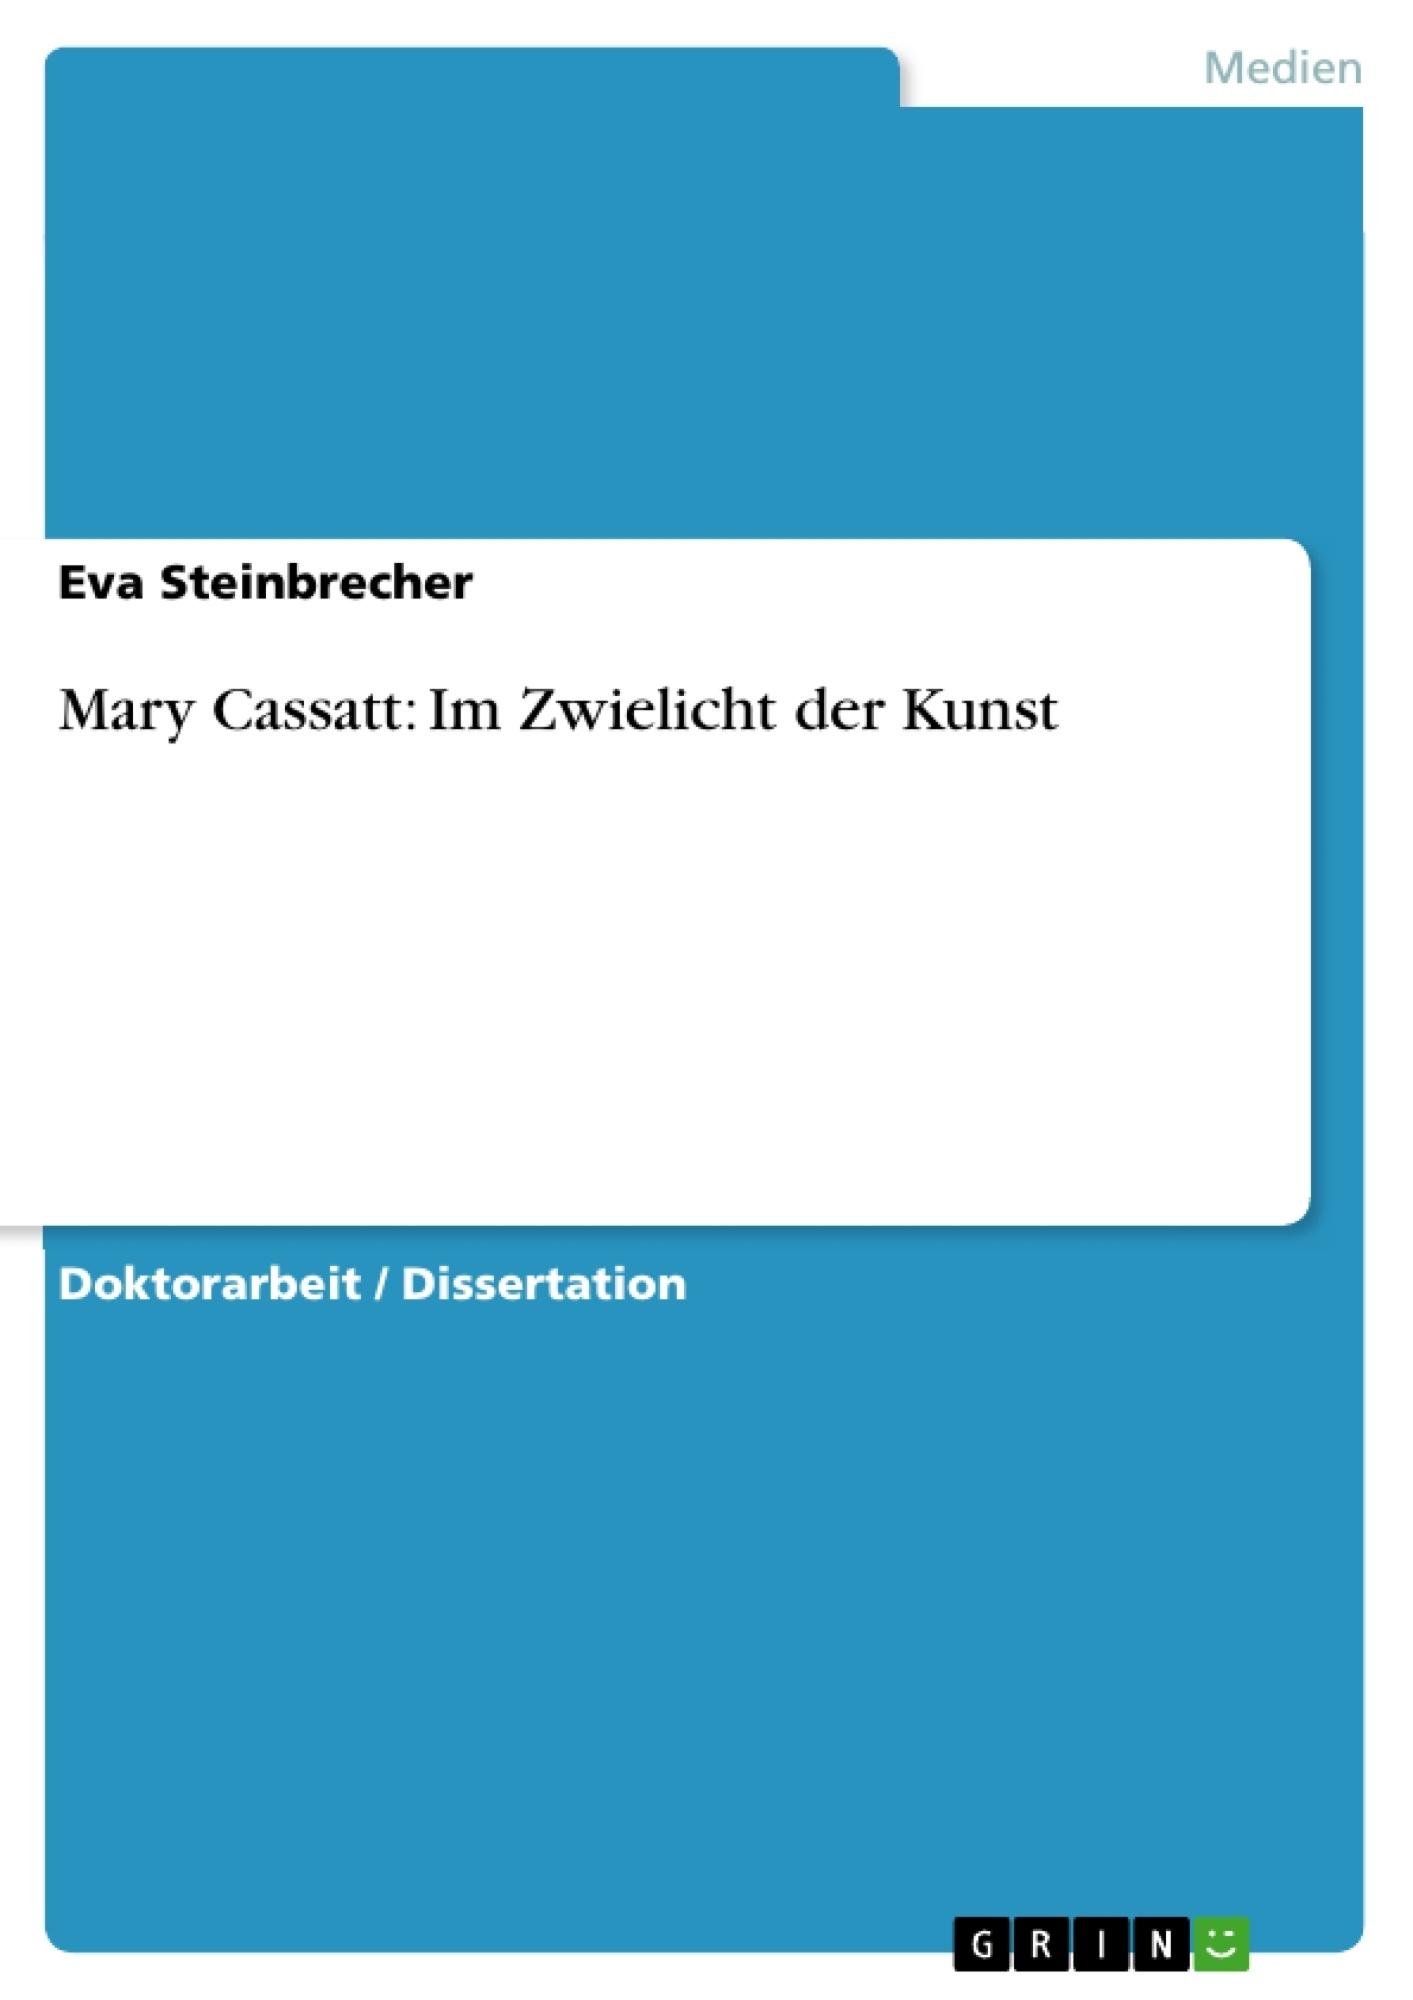 Titel: Mary Cassatt: Im Zwielicht der Kunst